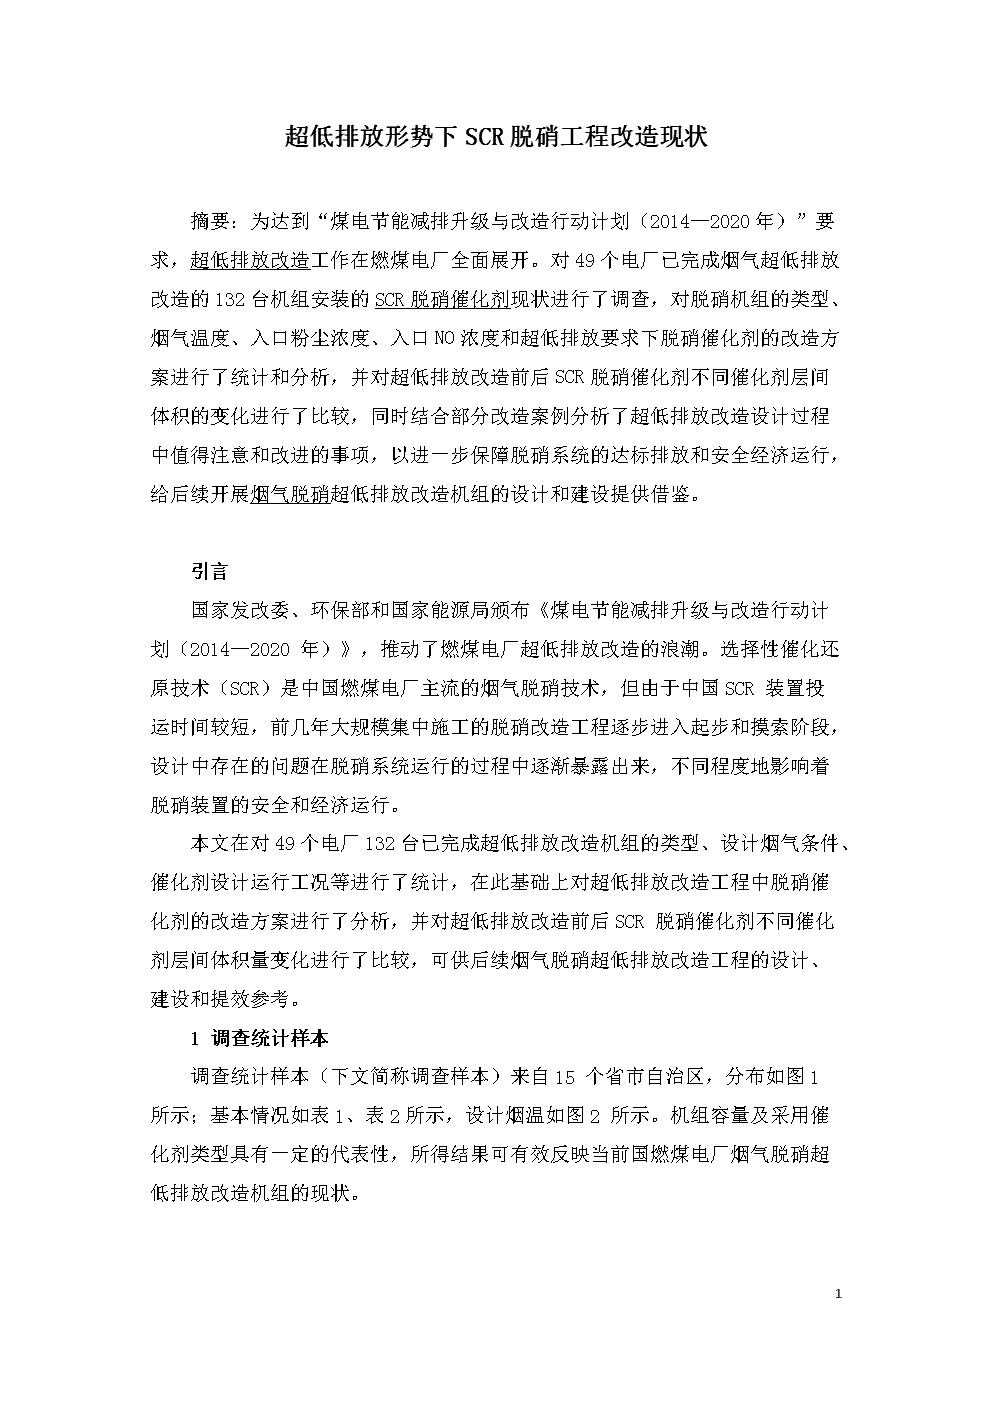 超低排放形勢下SCR脫硝工程改造現狀.doc